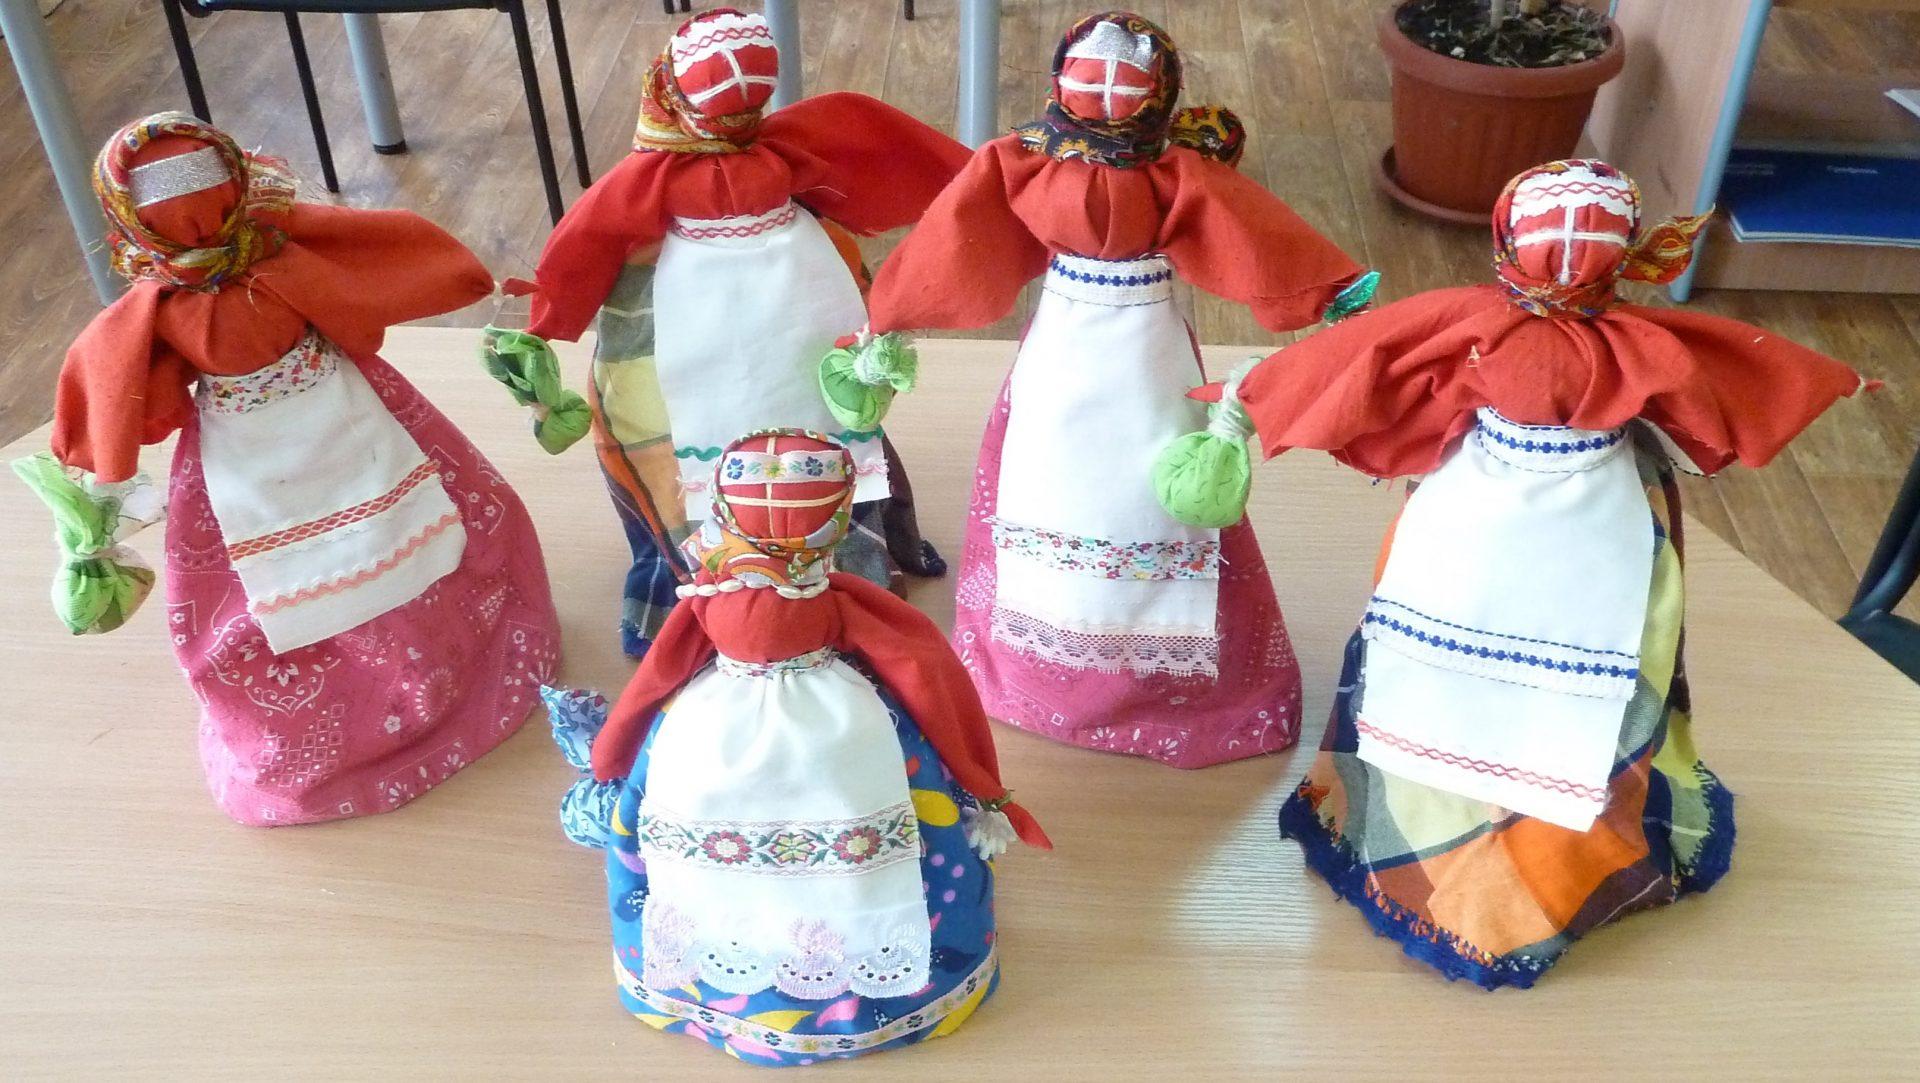 Пасхальные куклы, изготовленные участниками мастер-класса